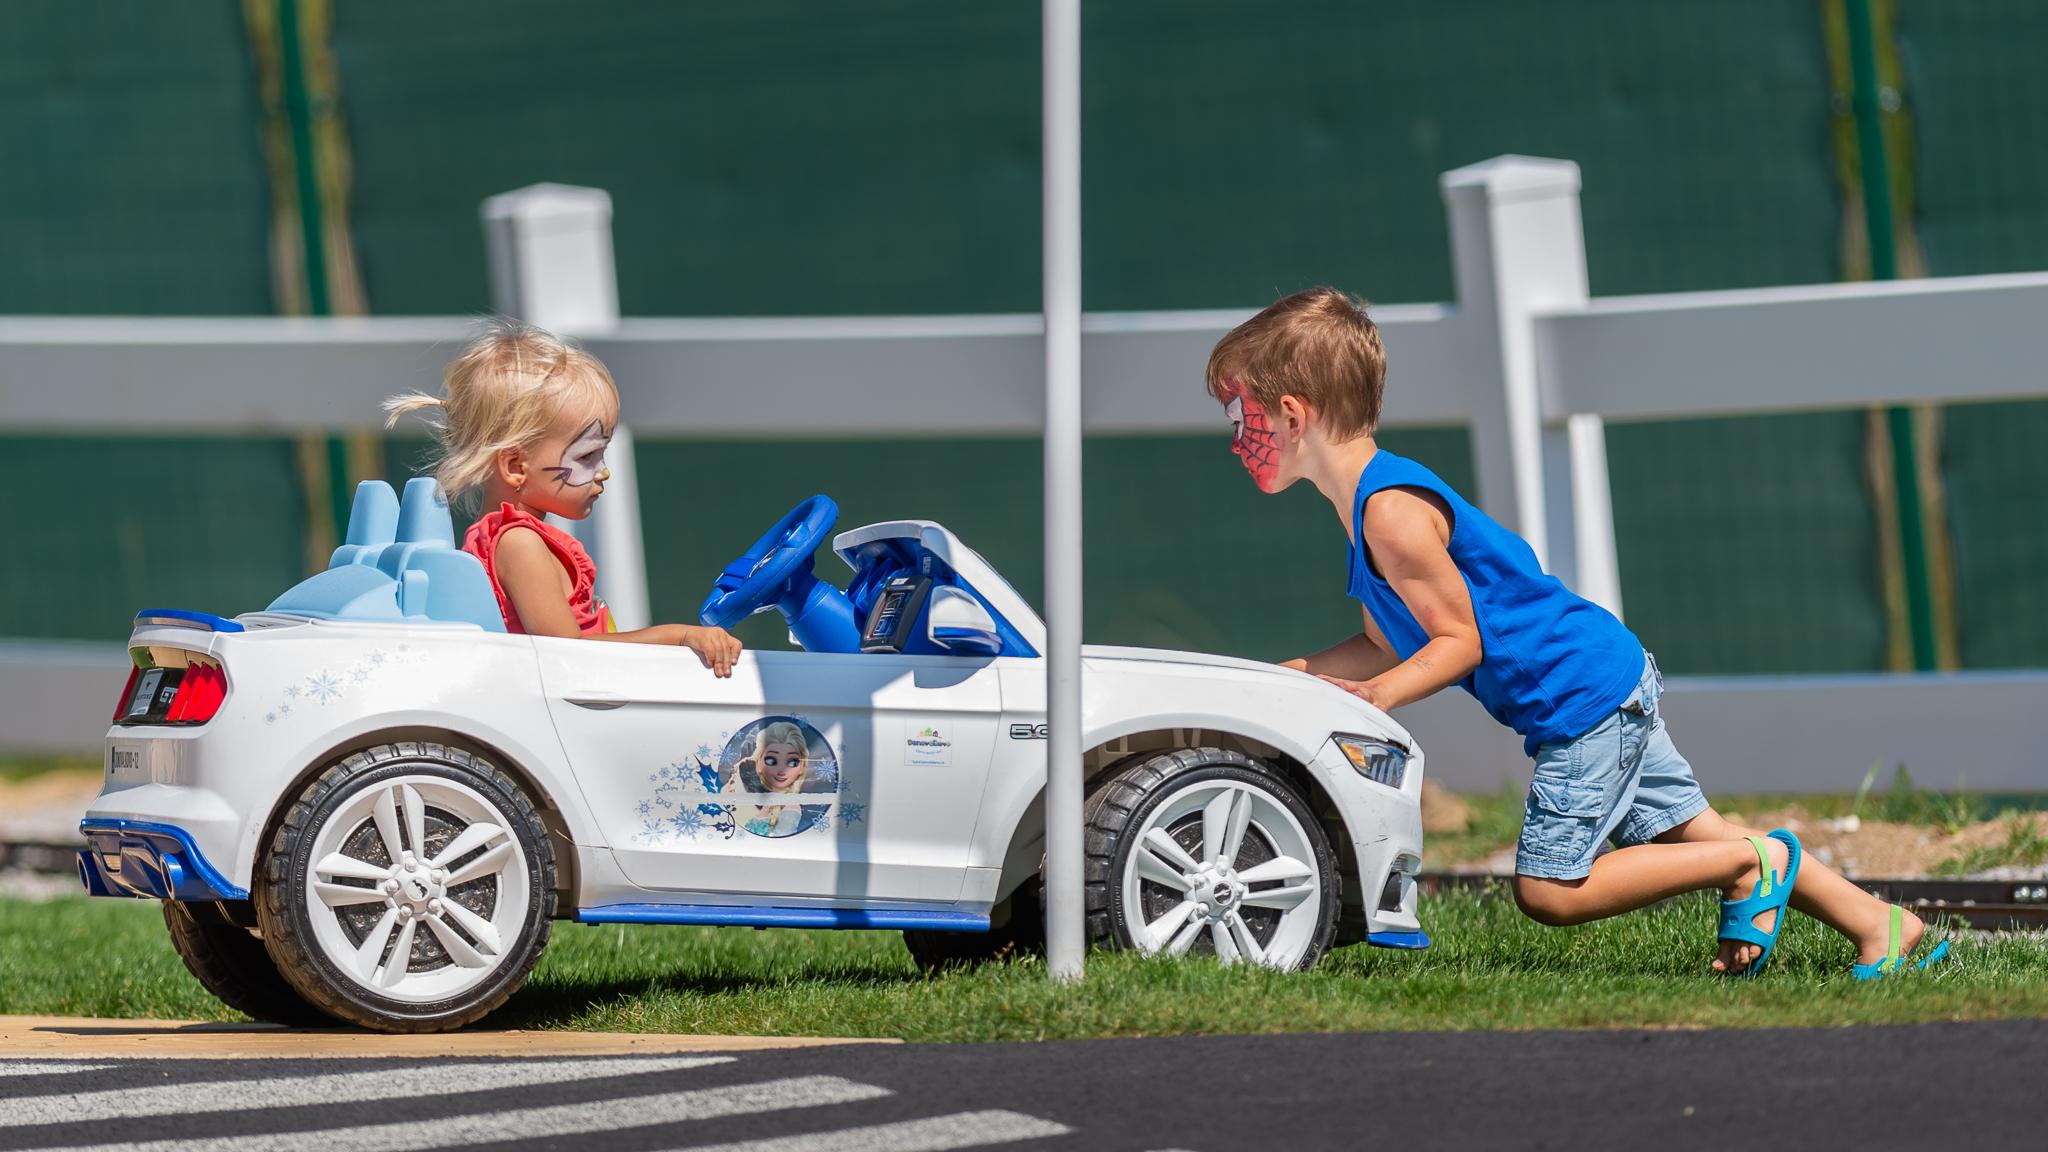 chlapec tlačiaci auto z trávy späť na detské dopravné ihrisko